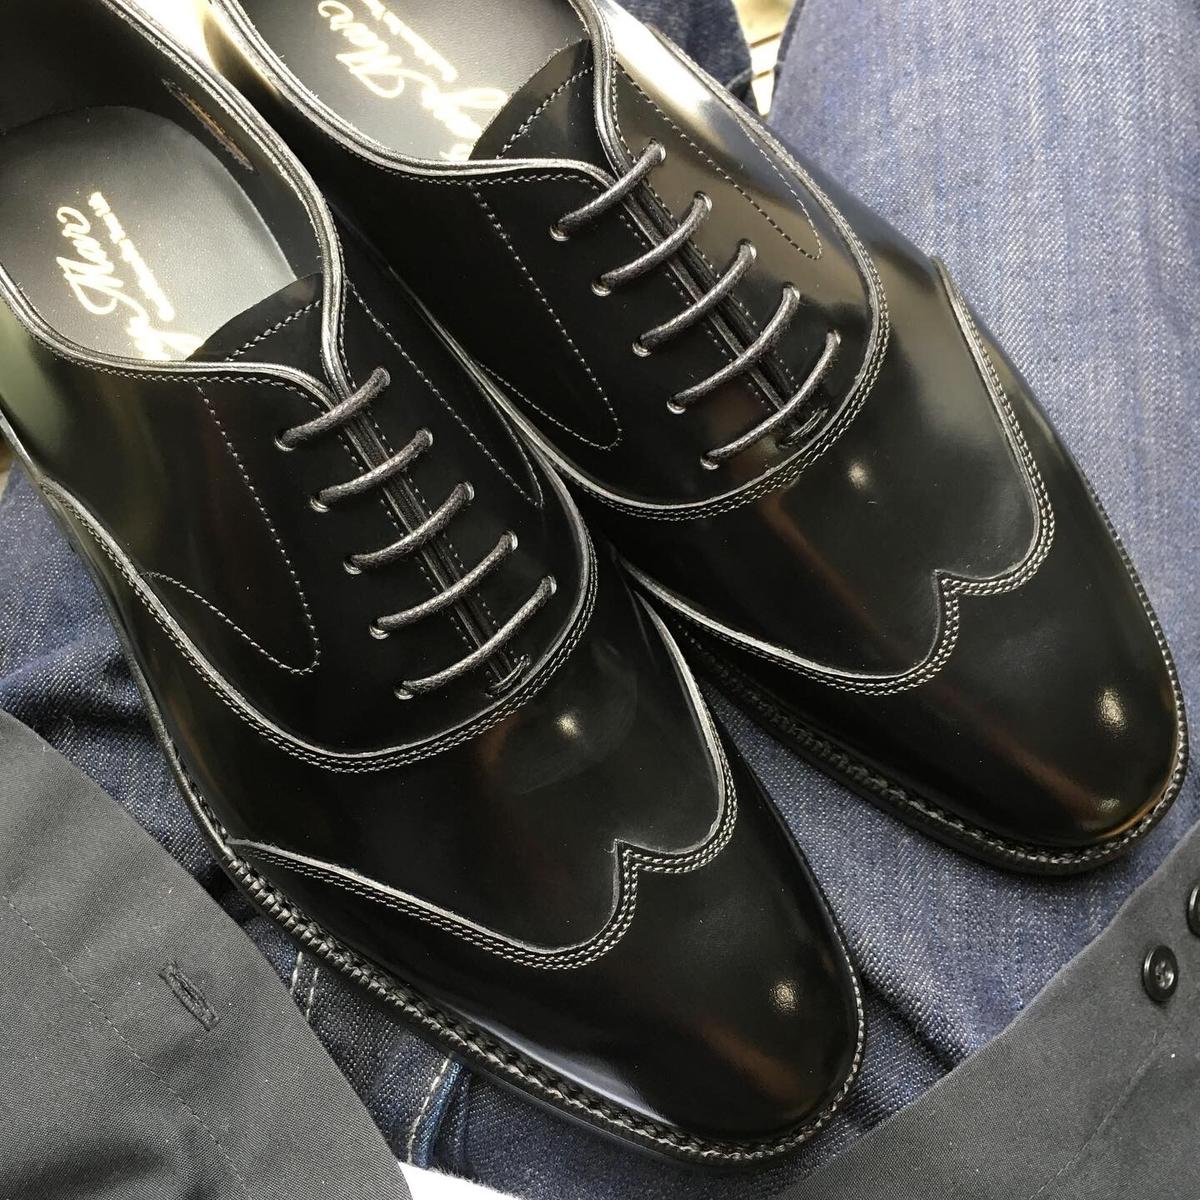 f:id:raymar-shoes:20190712230126j:plain